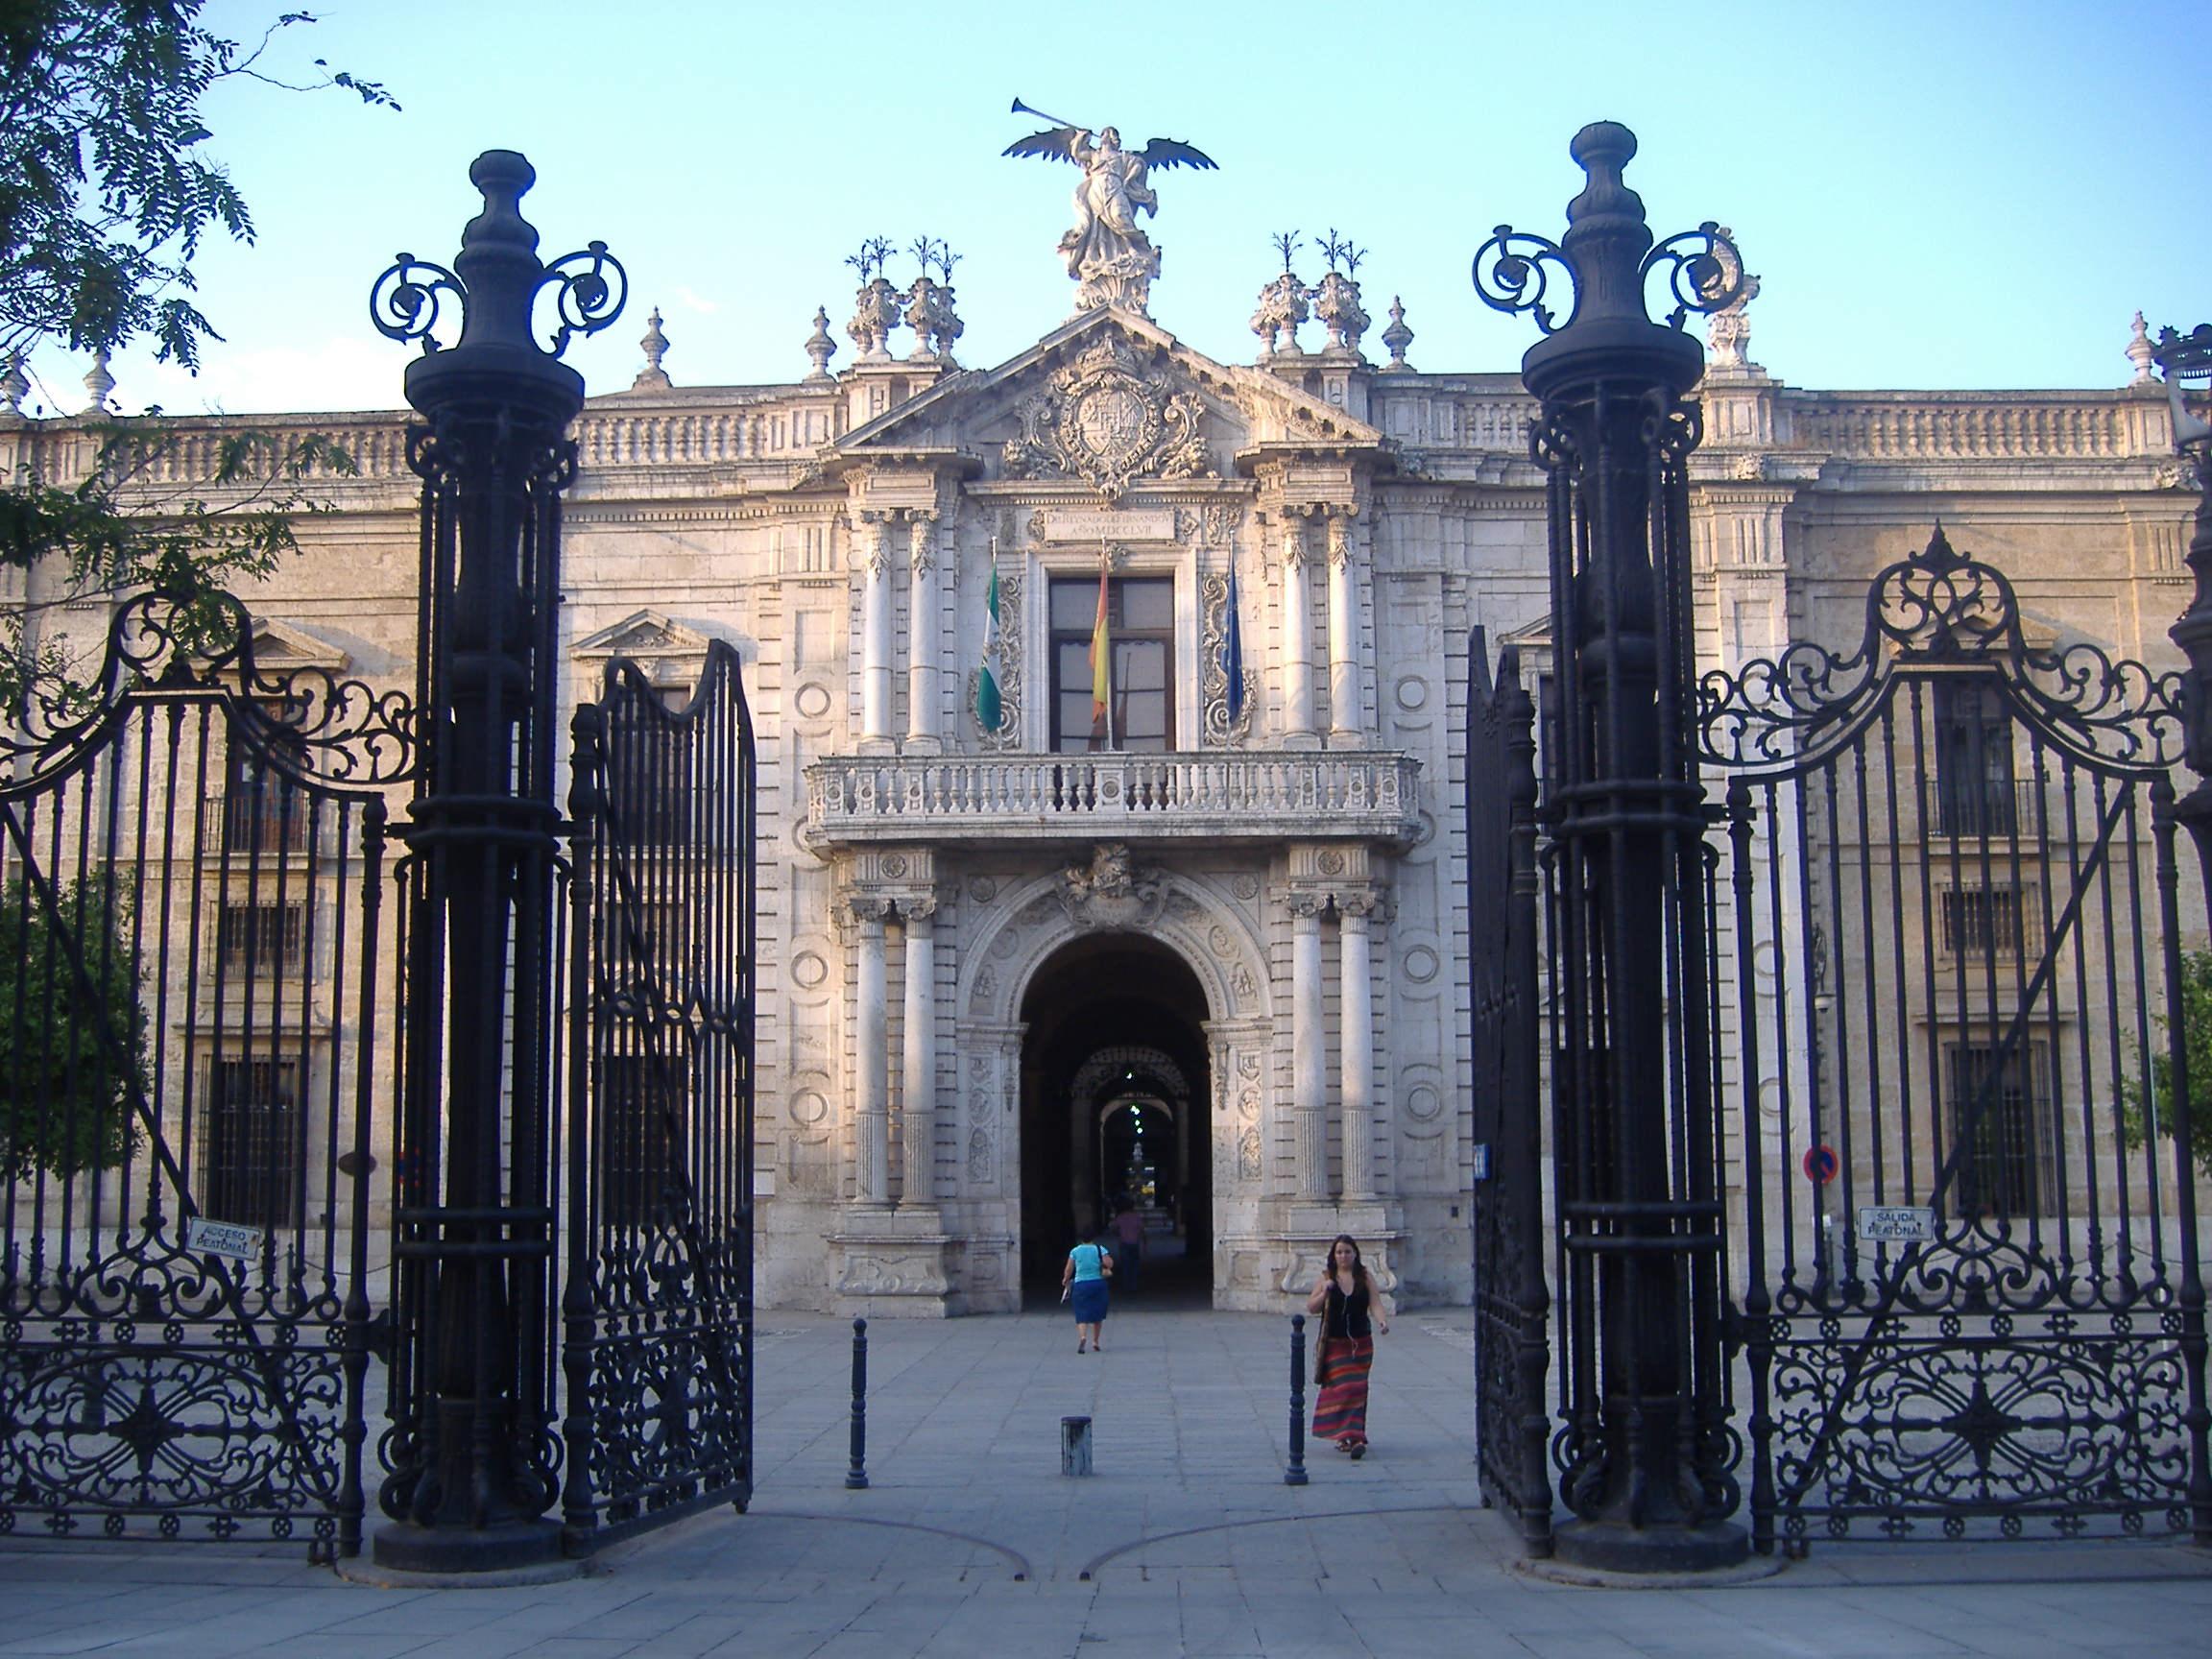 La Real Fabrica De Tabacos Sevilla Identidad E Imagen De